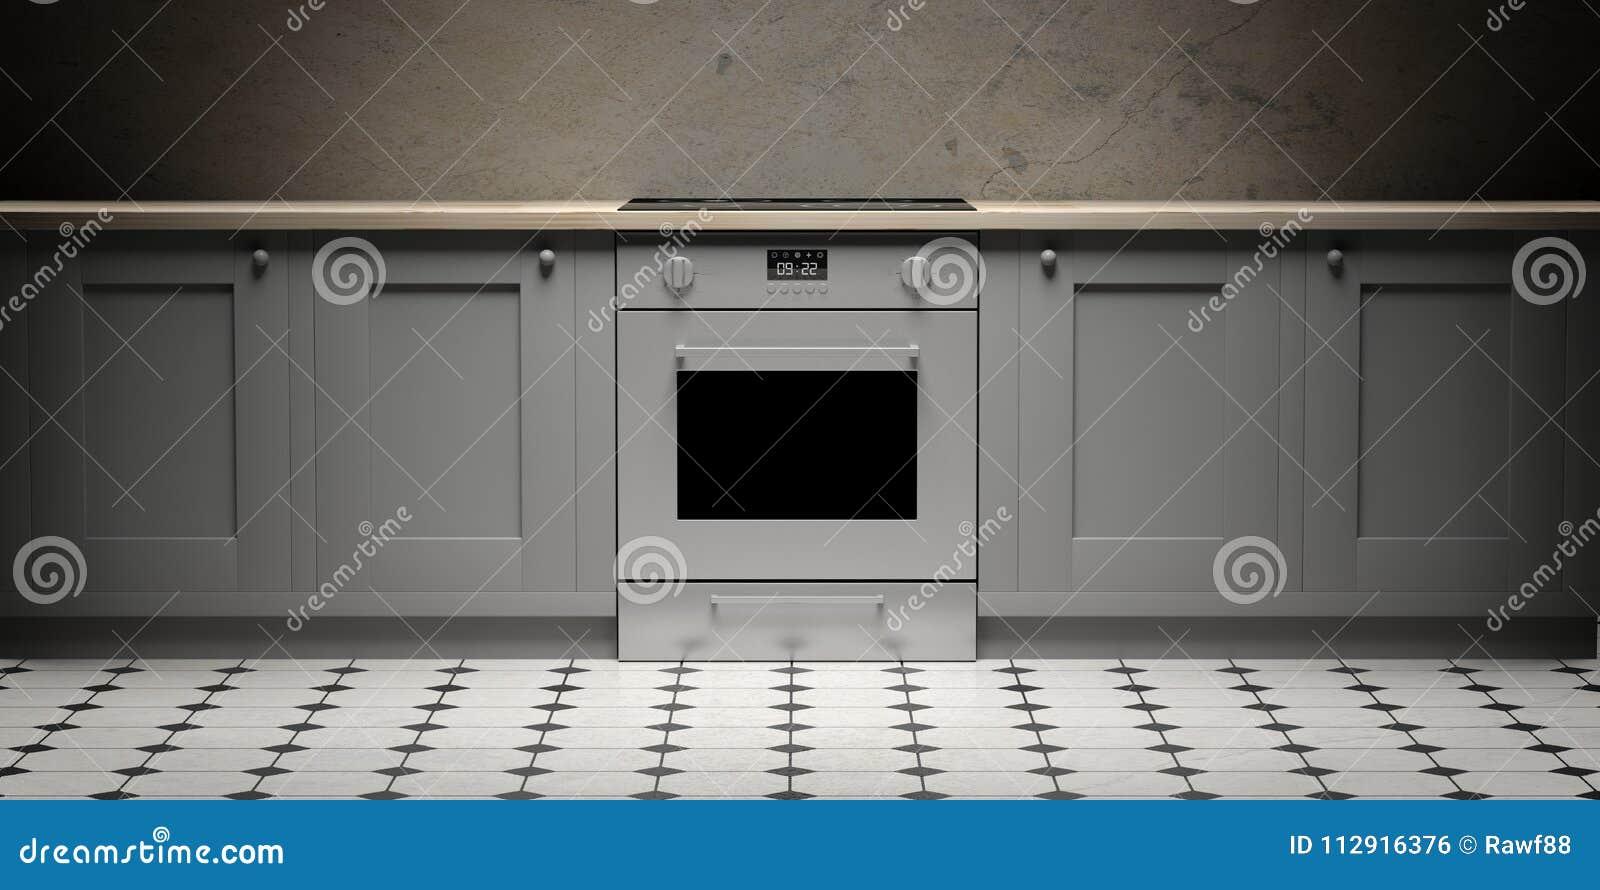 Armadi Da Cucina E Forno Eletric Sul Pavimento Delle ...